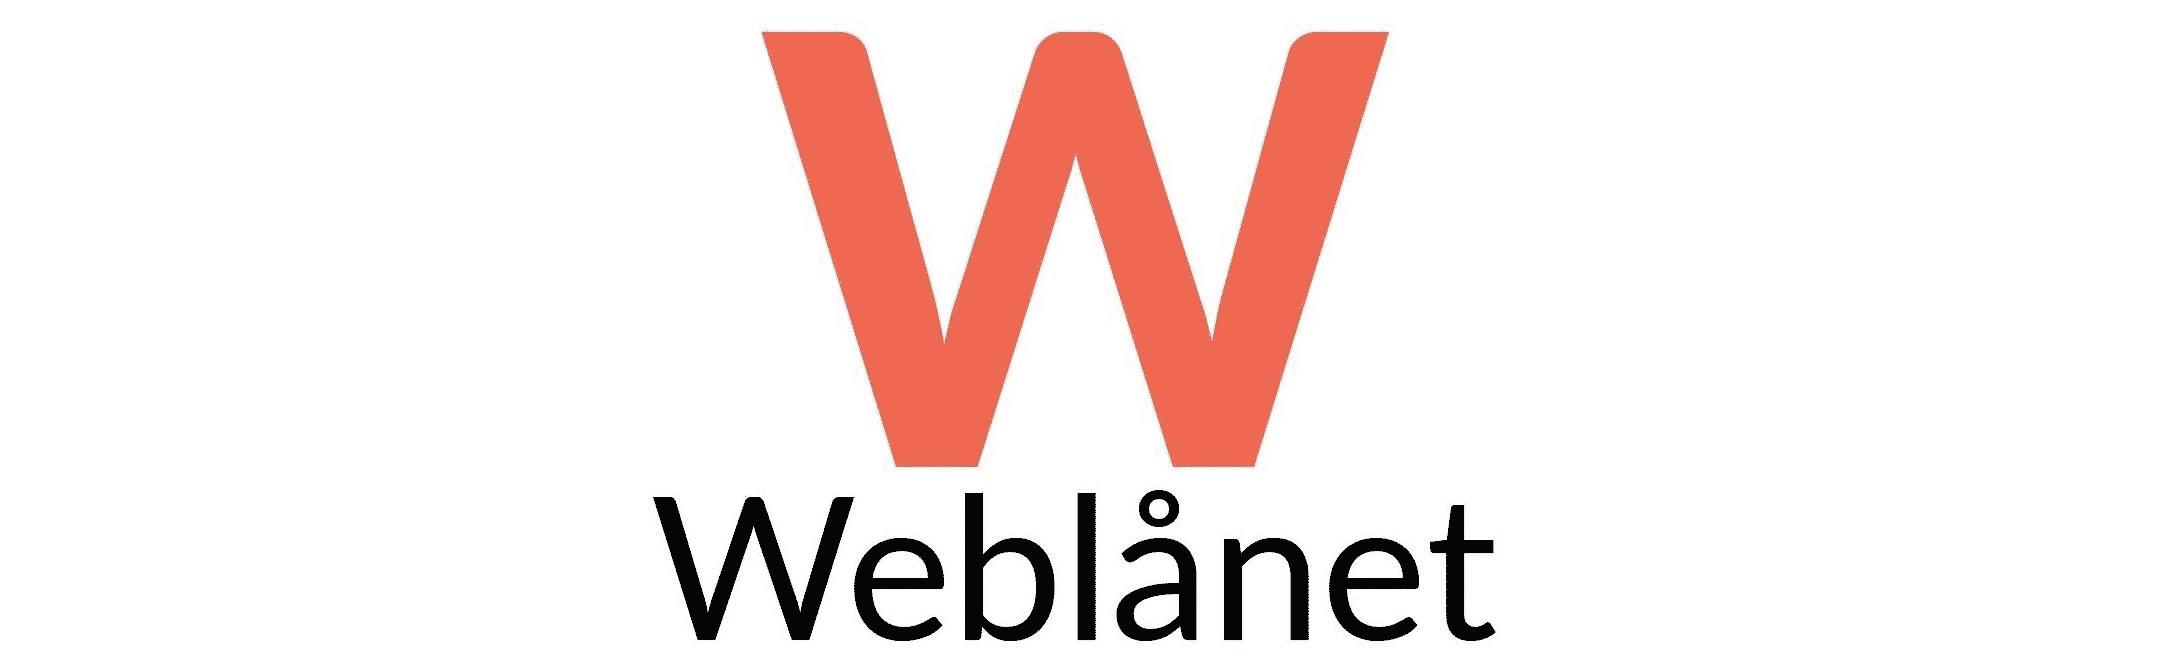 weblanet logo